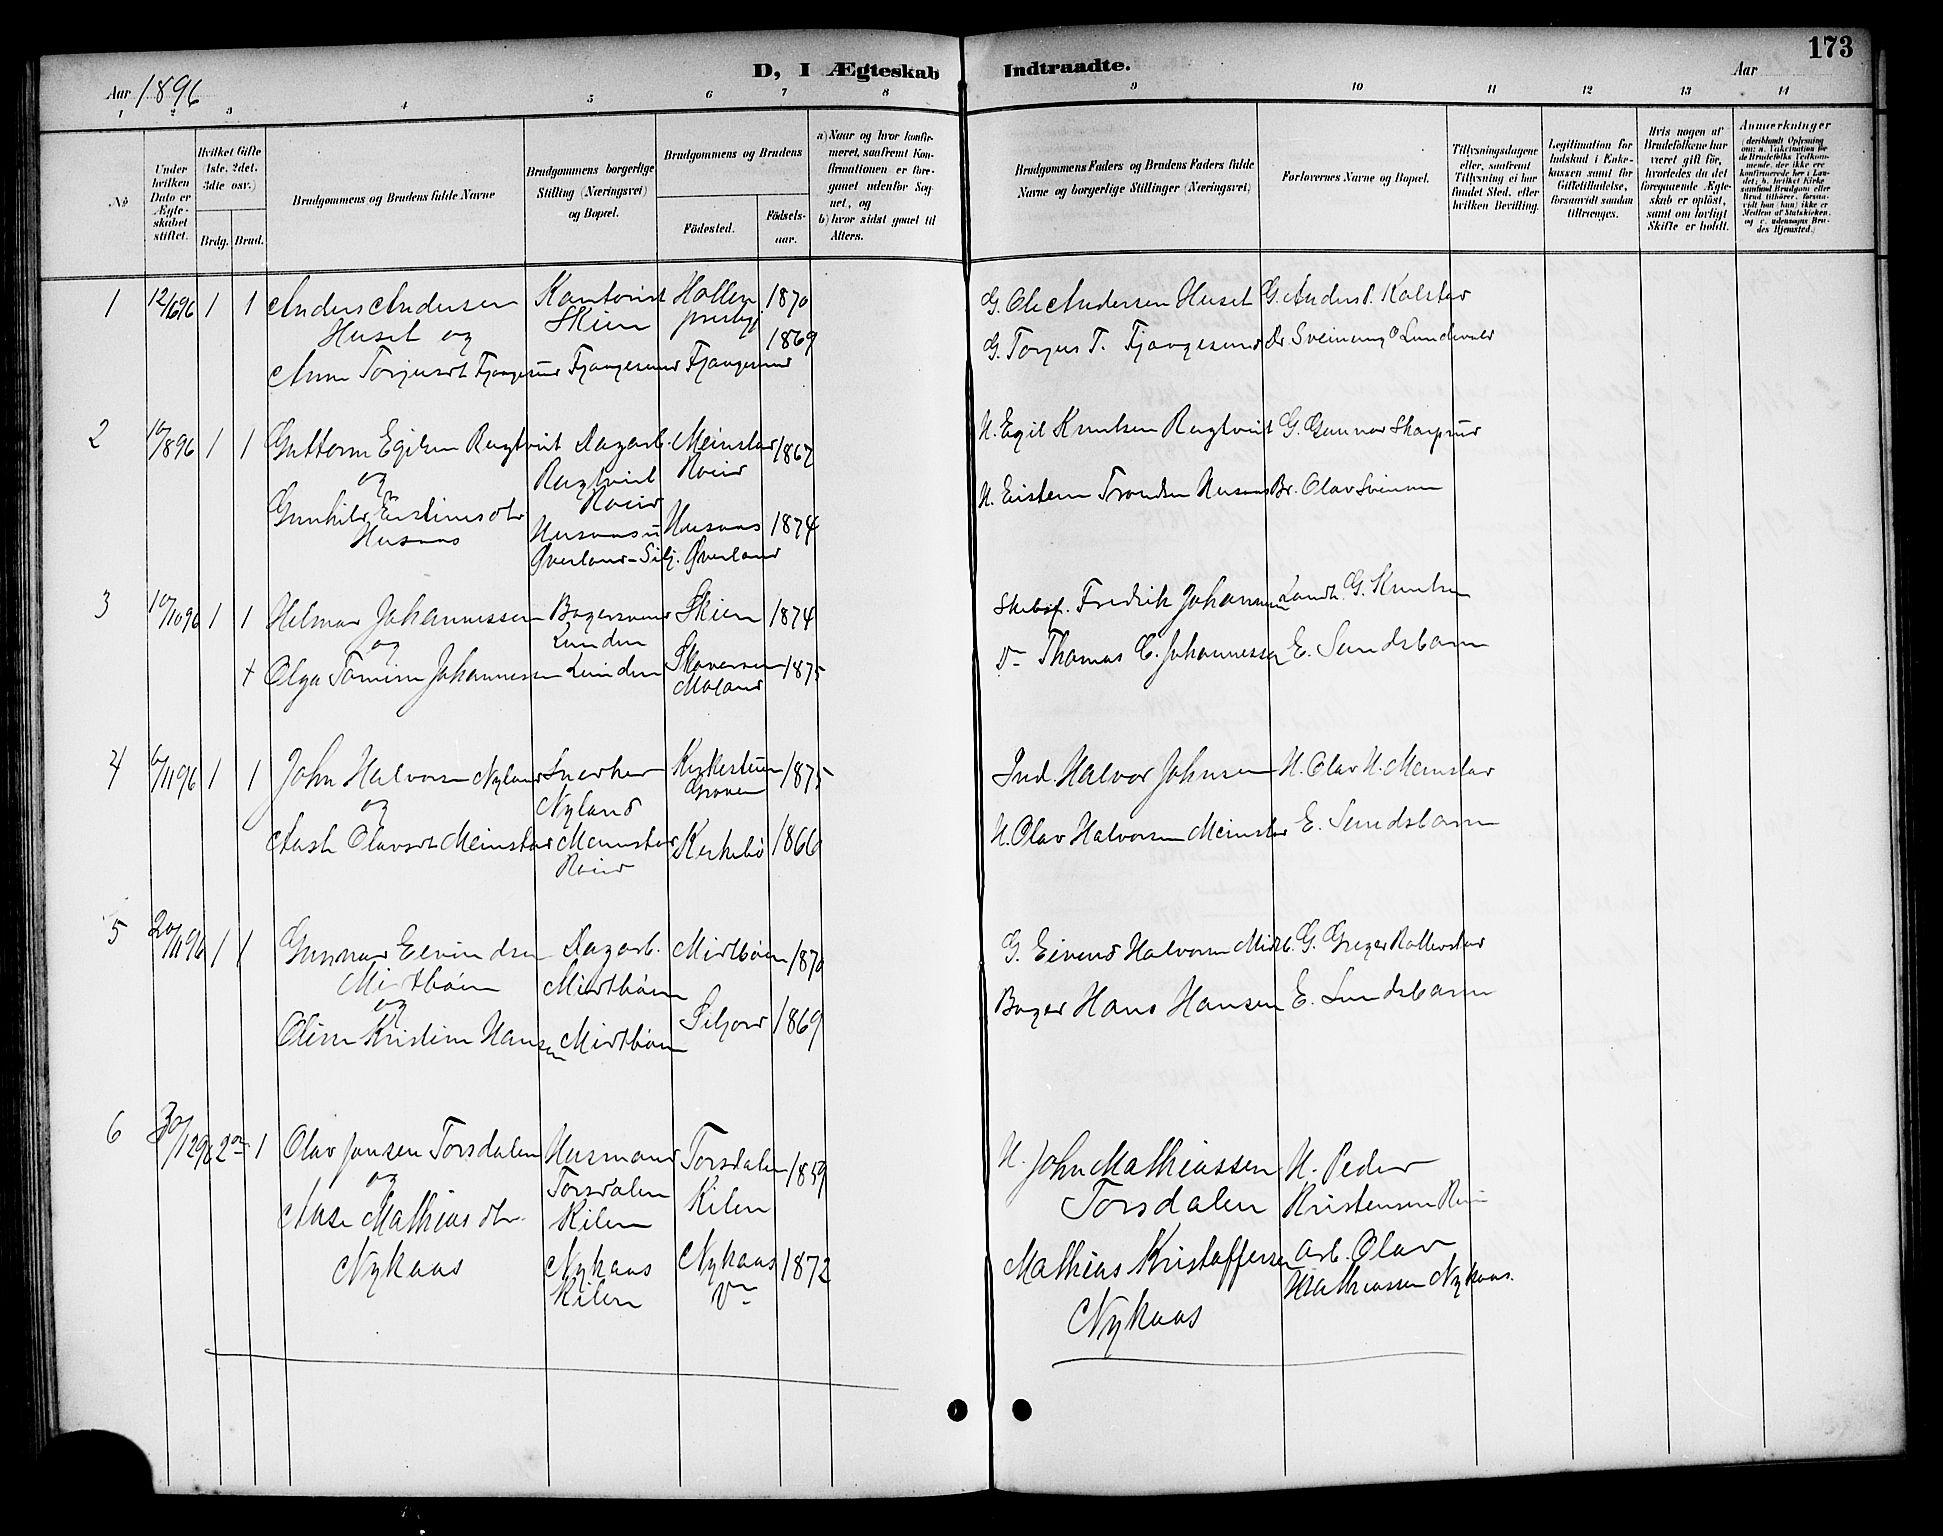 SAKO, Kviteseid kirkebøker, G/Ga/L0002: Klokkerbok nr. I 2, 1893-1918, s. 173